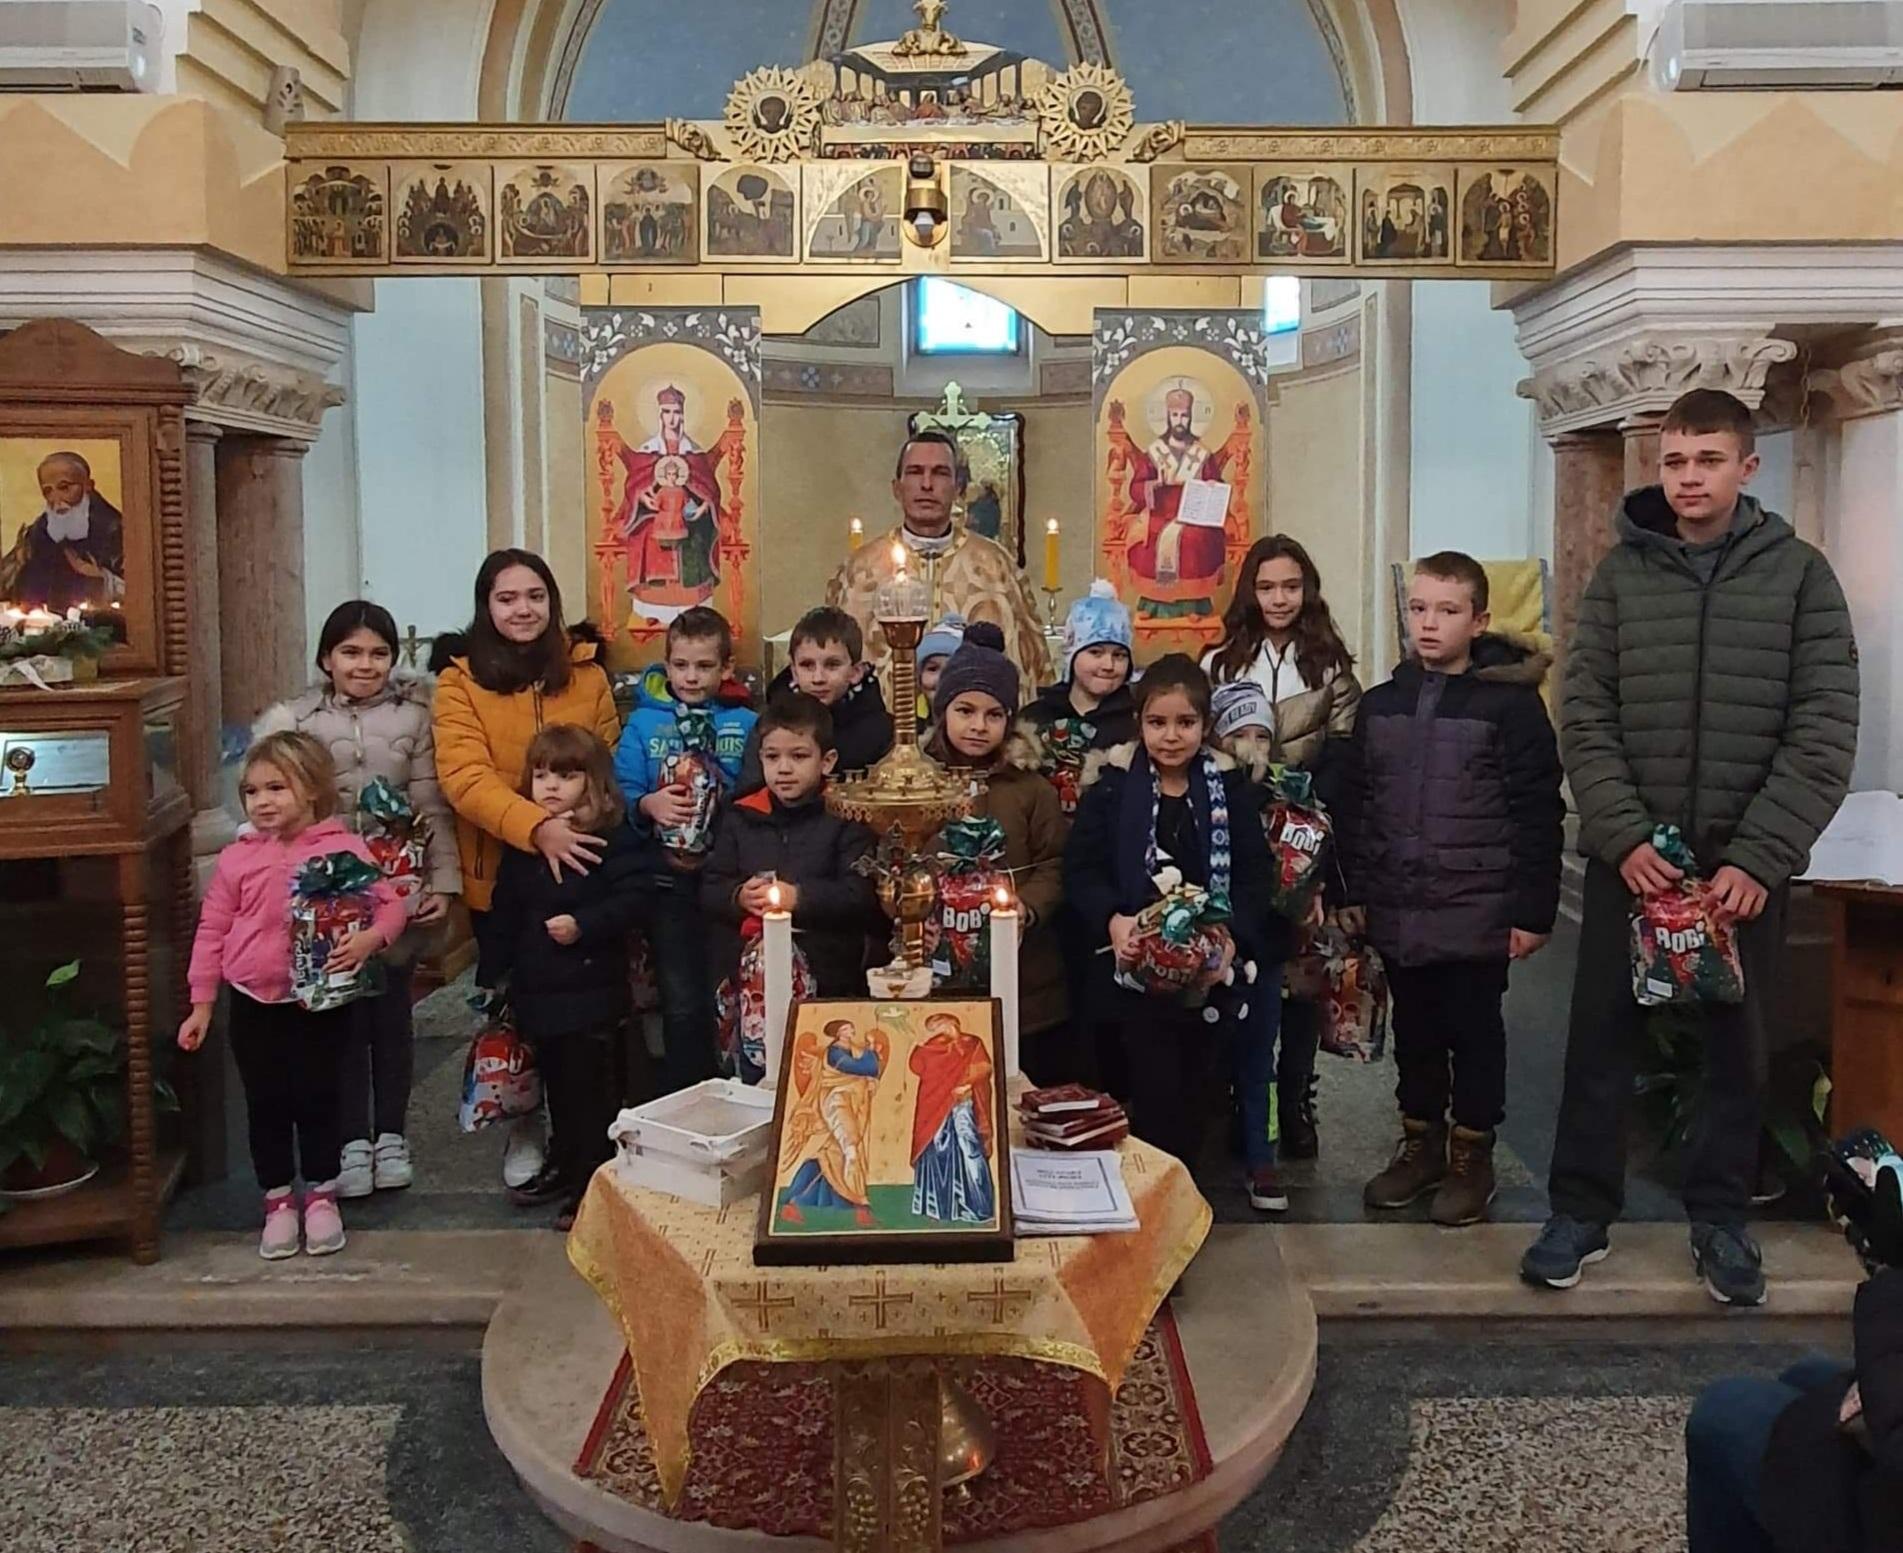 Proslava sv. Nikole u župama Pribić i Mrzlo Polje